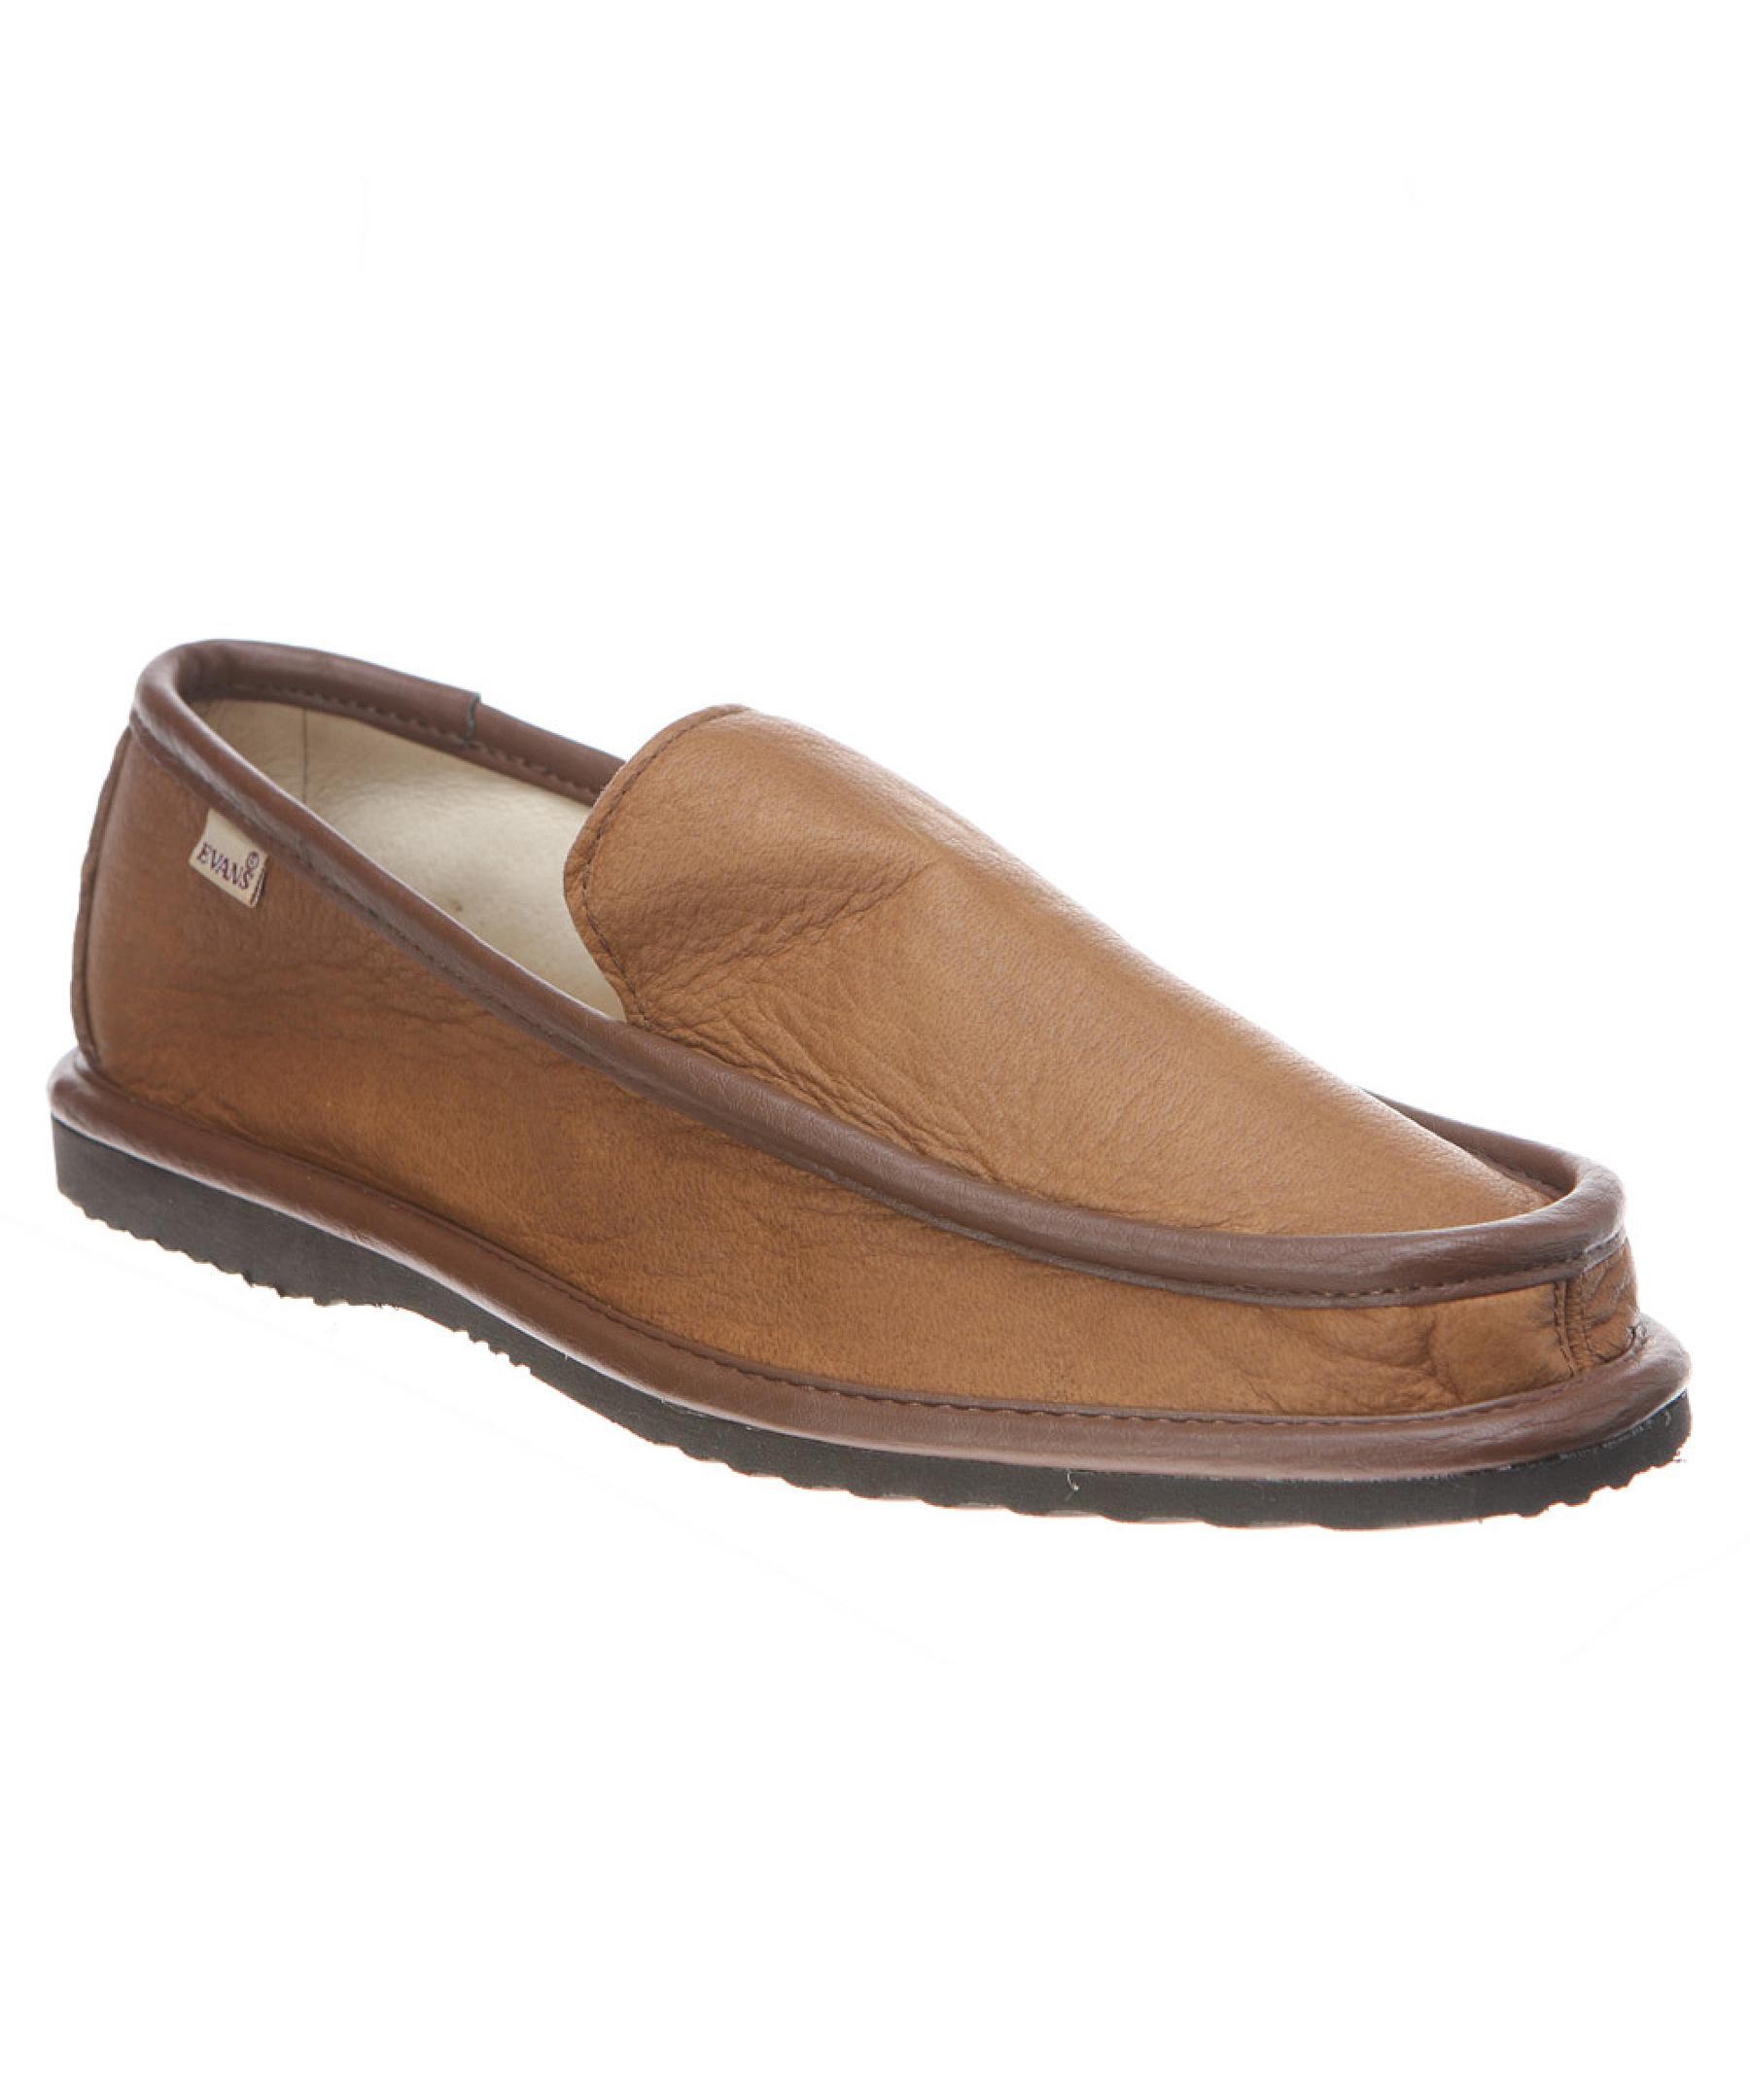 J Crew Mens House Shoes